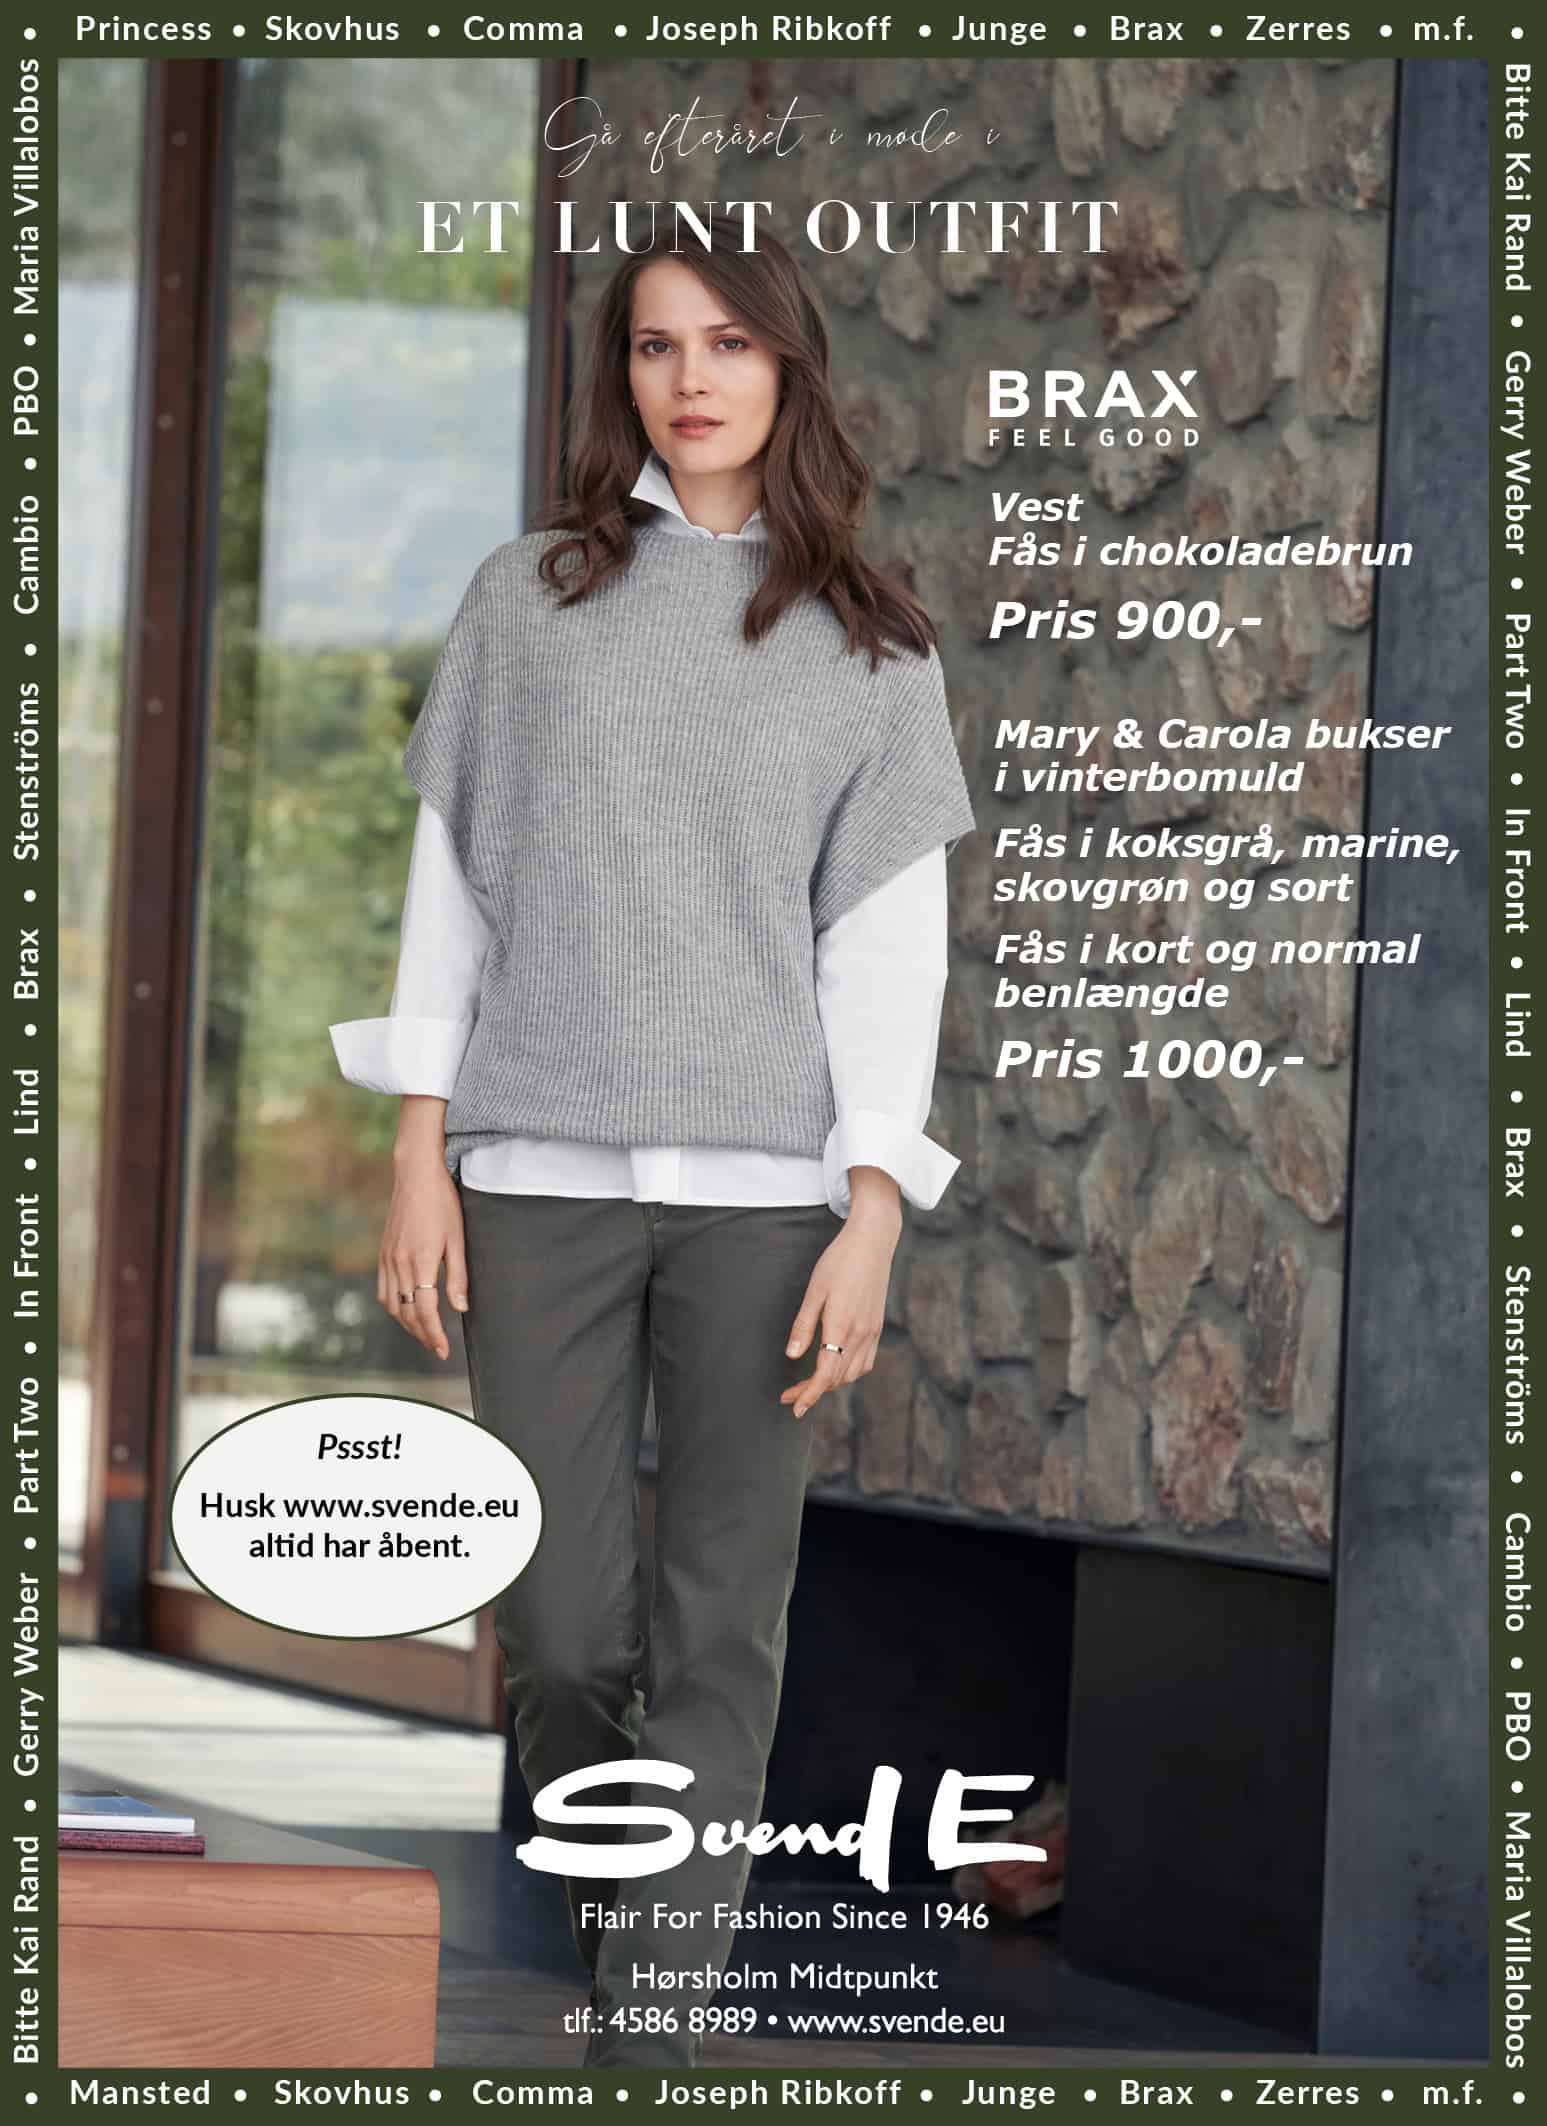 Gå efteråret i møde i et lunt outfit fra Brax 🍂